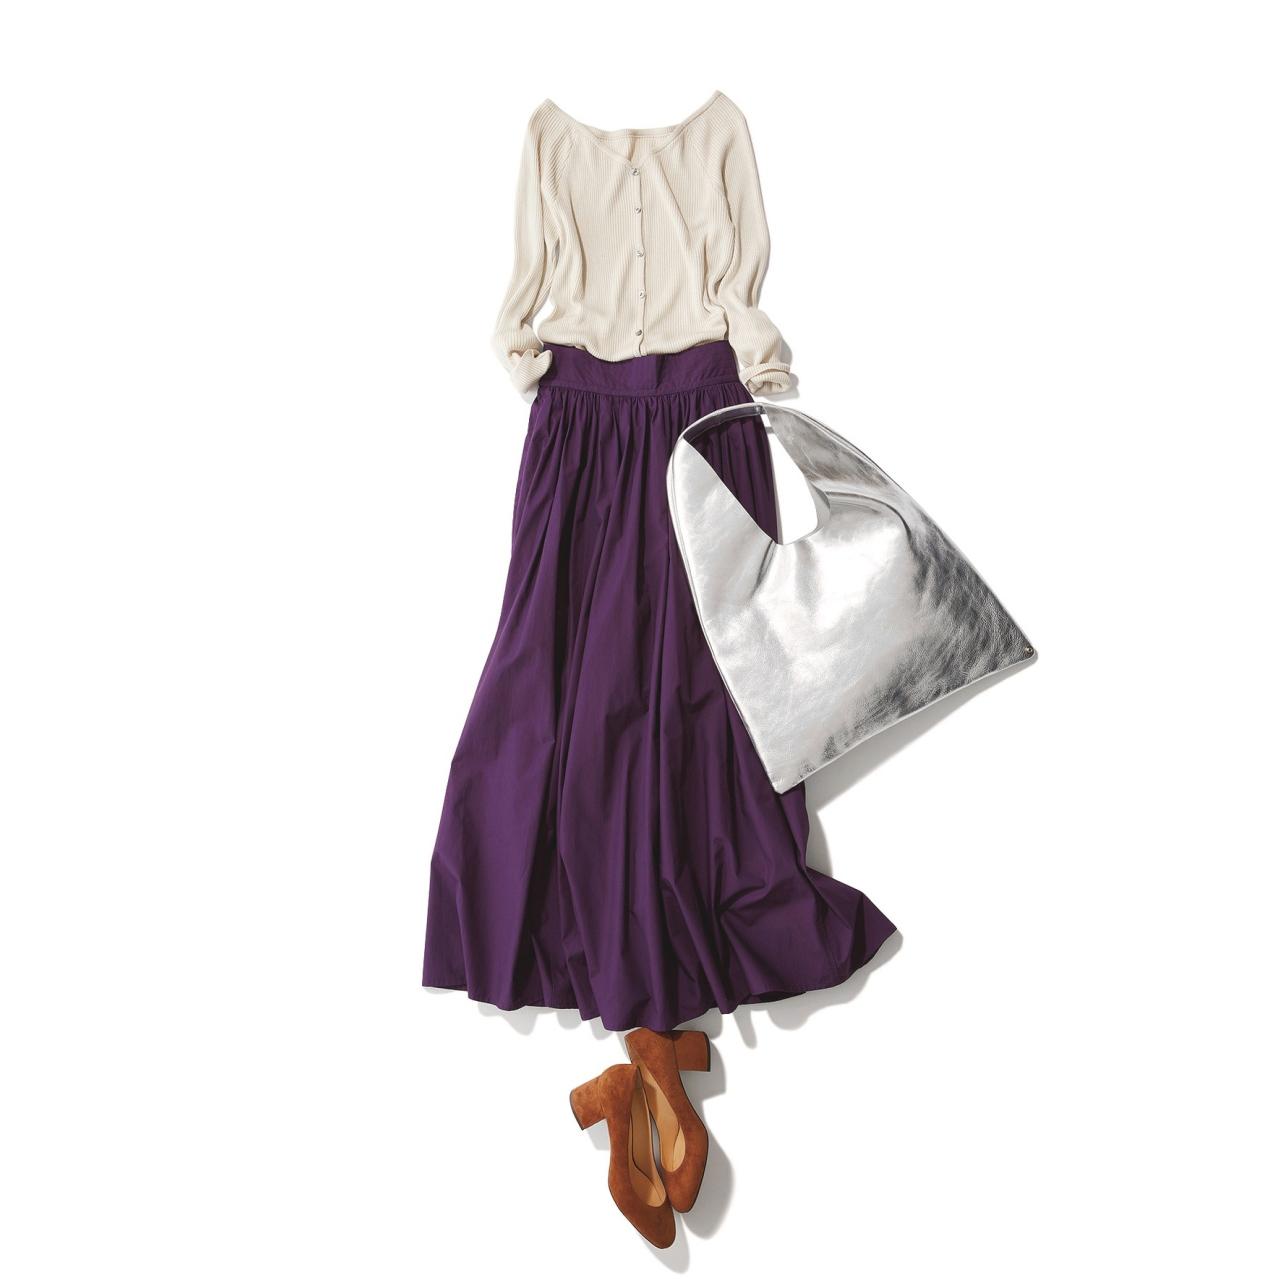 ニット×パープルスカートのファッションコーデ